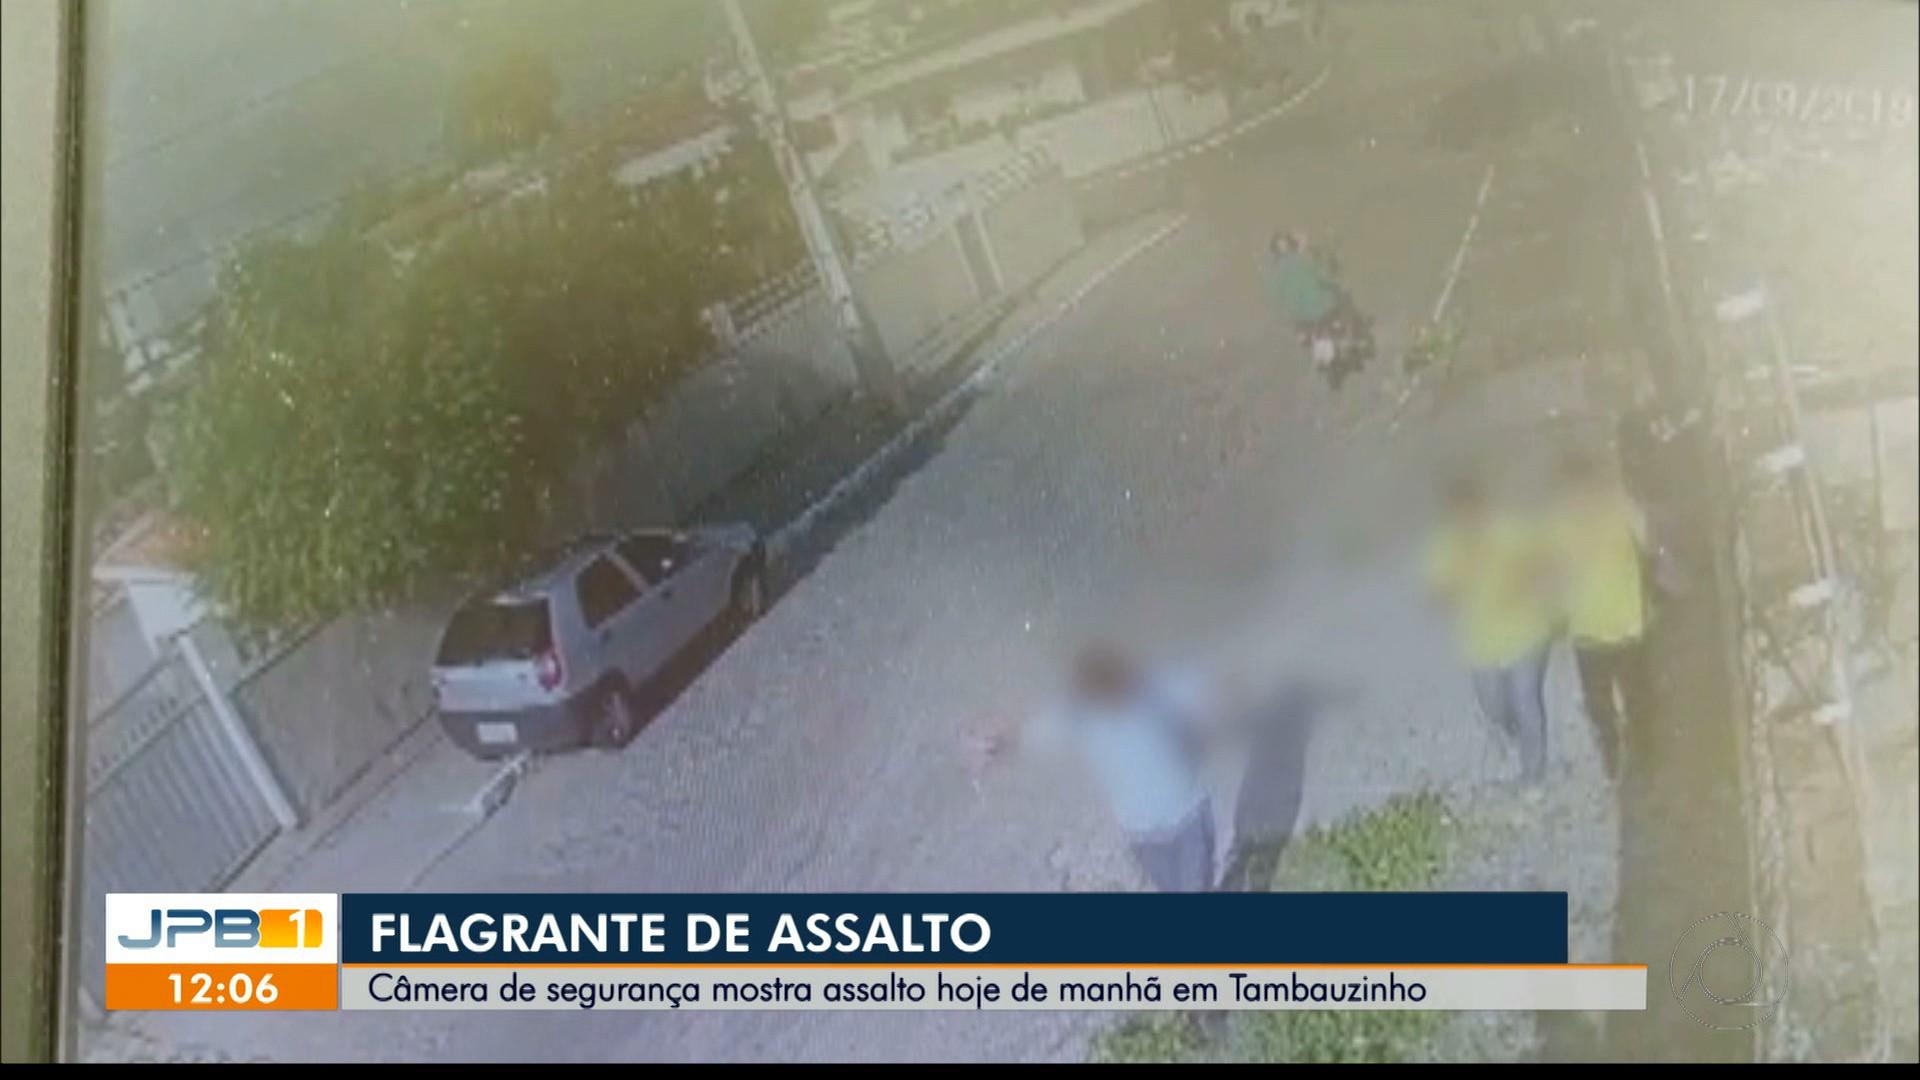 Vídeo flagra assalto próximo a escola, em João Pessoa - Notícias - Plantão Diário